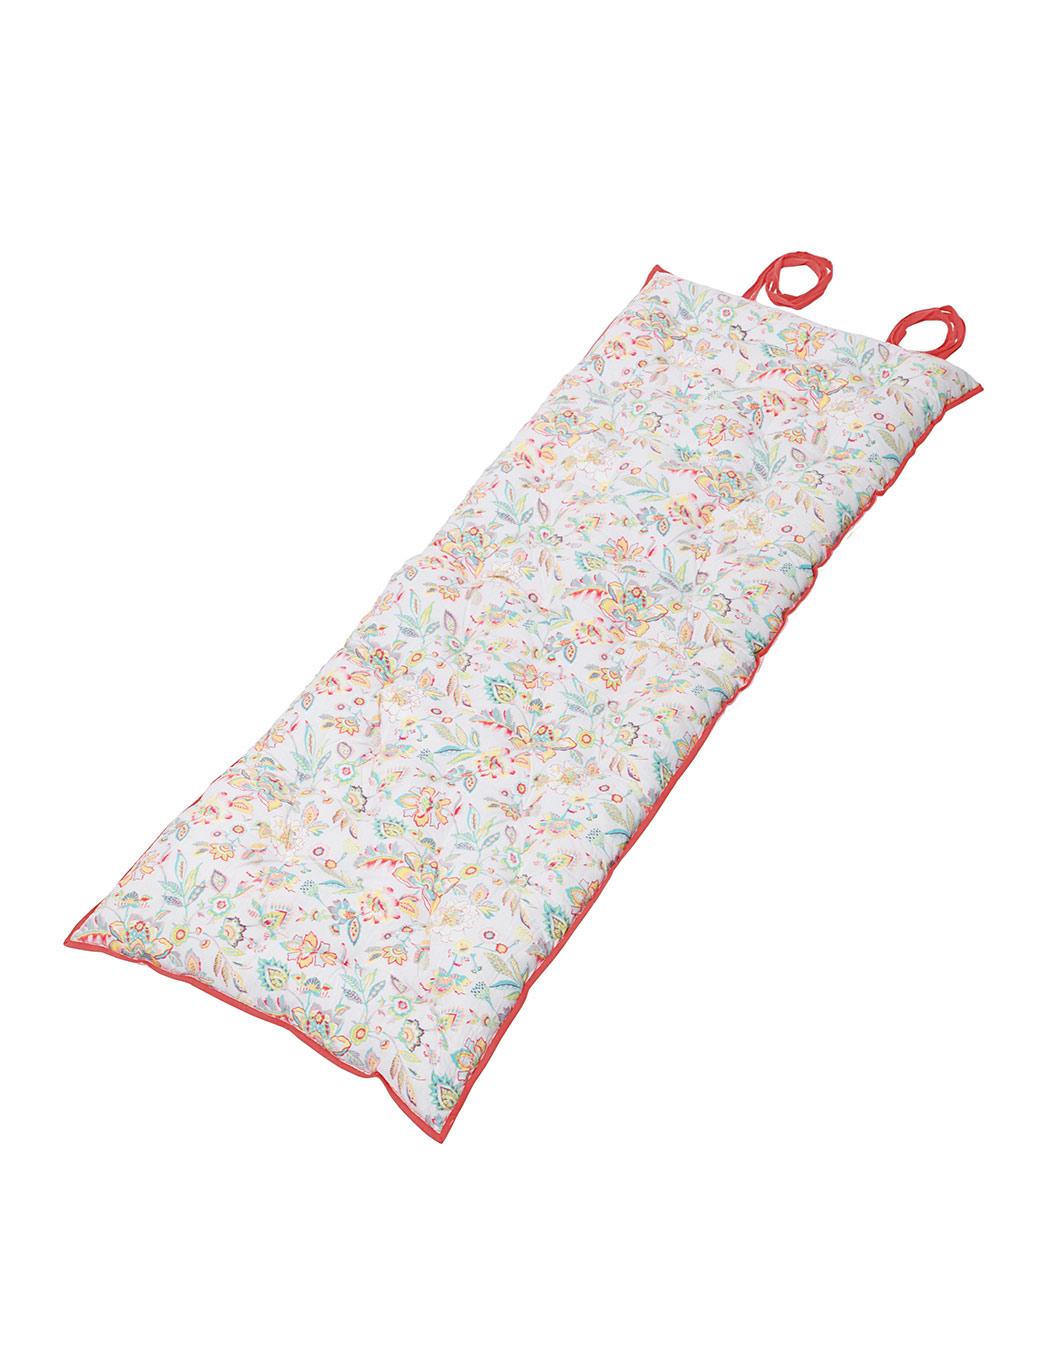 Matelas de sol en coton perle 170 x 65 x 5